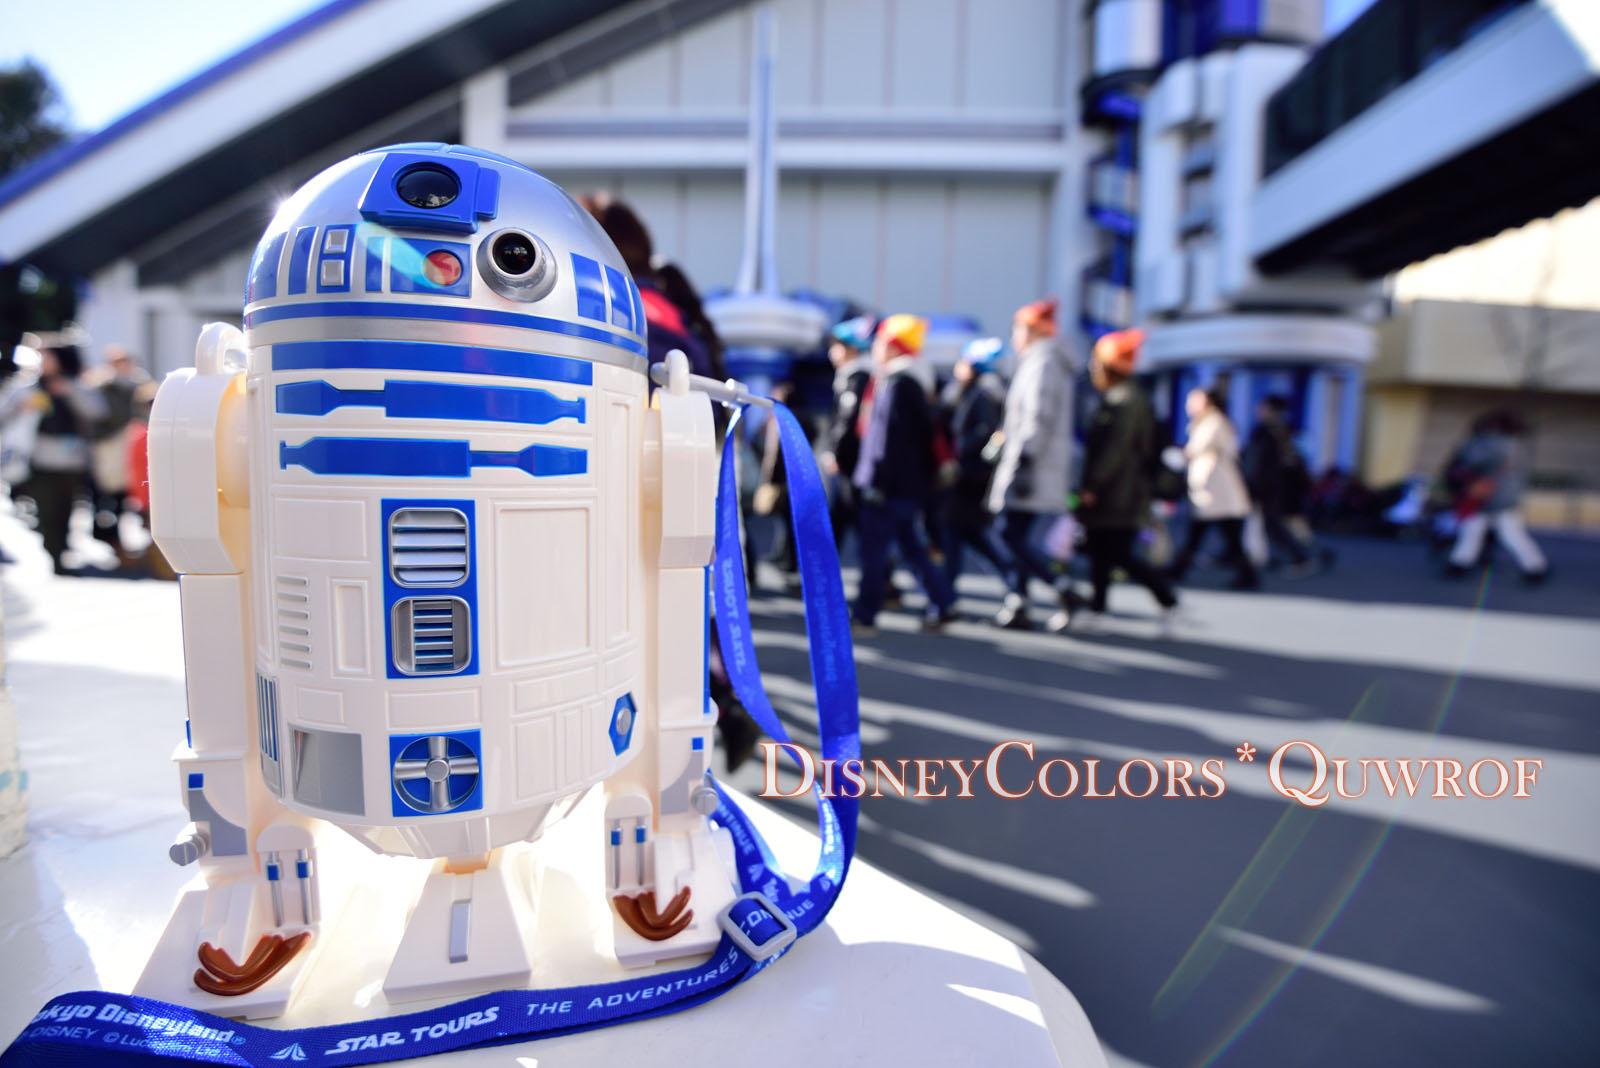 東京ディズニーランド R2-D2ポップコーンバケット